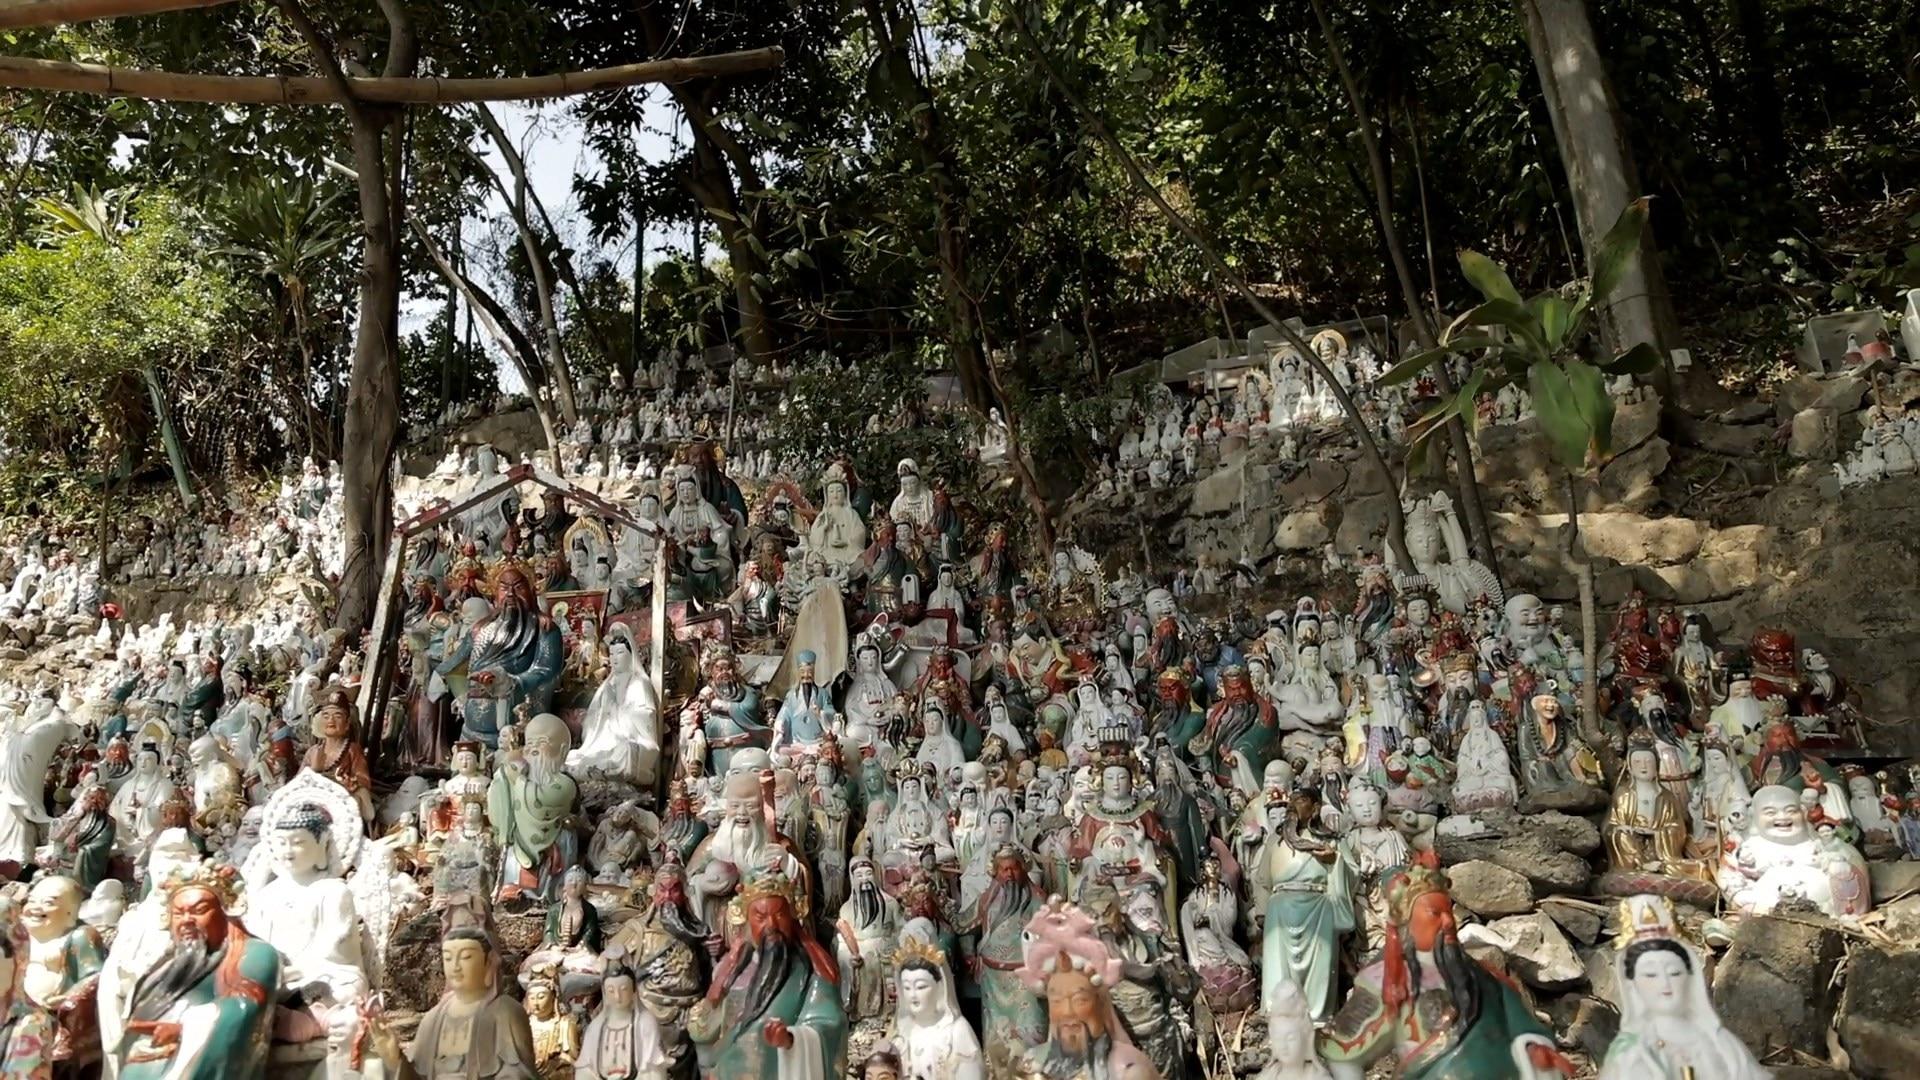 港人爱拜拜!8千个废弃神像有人自愿管 别人的墓也照拜